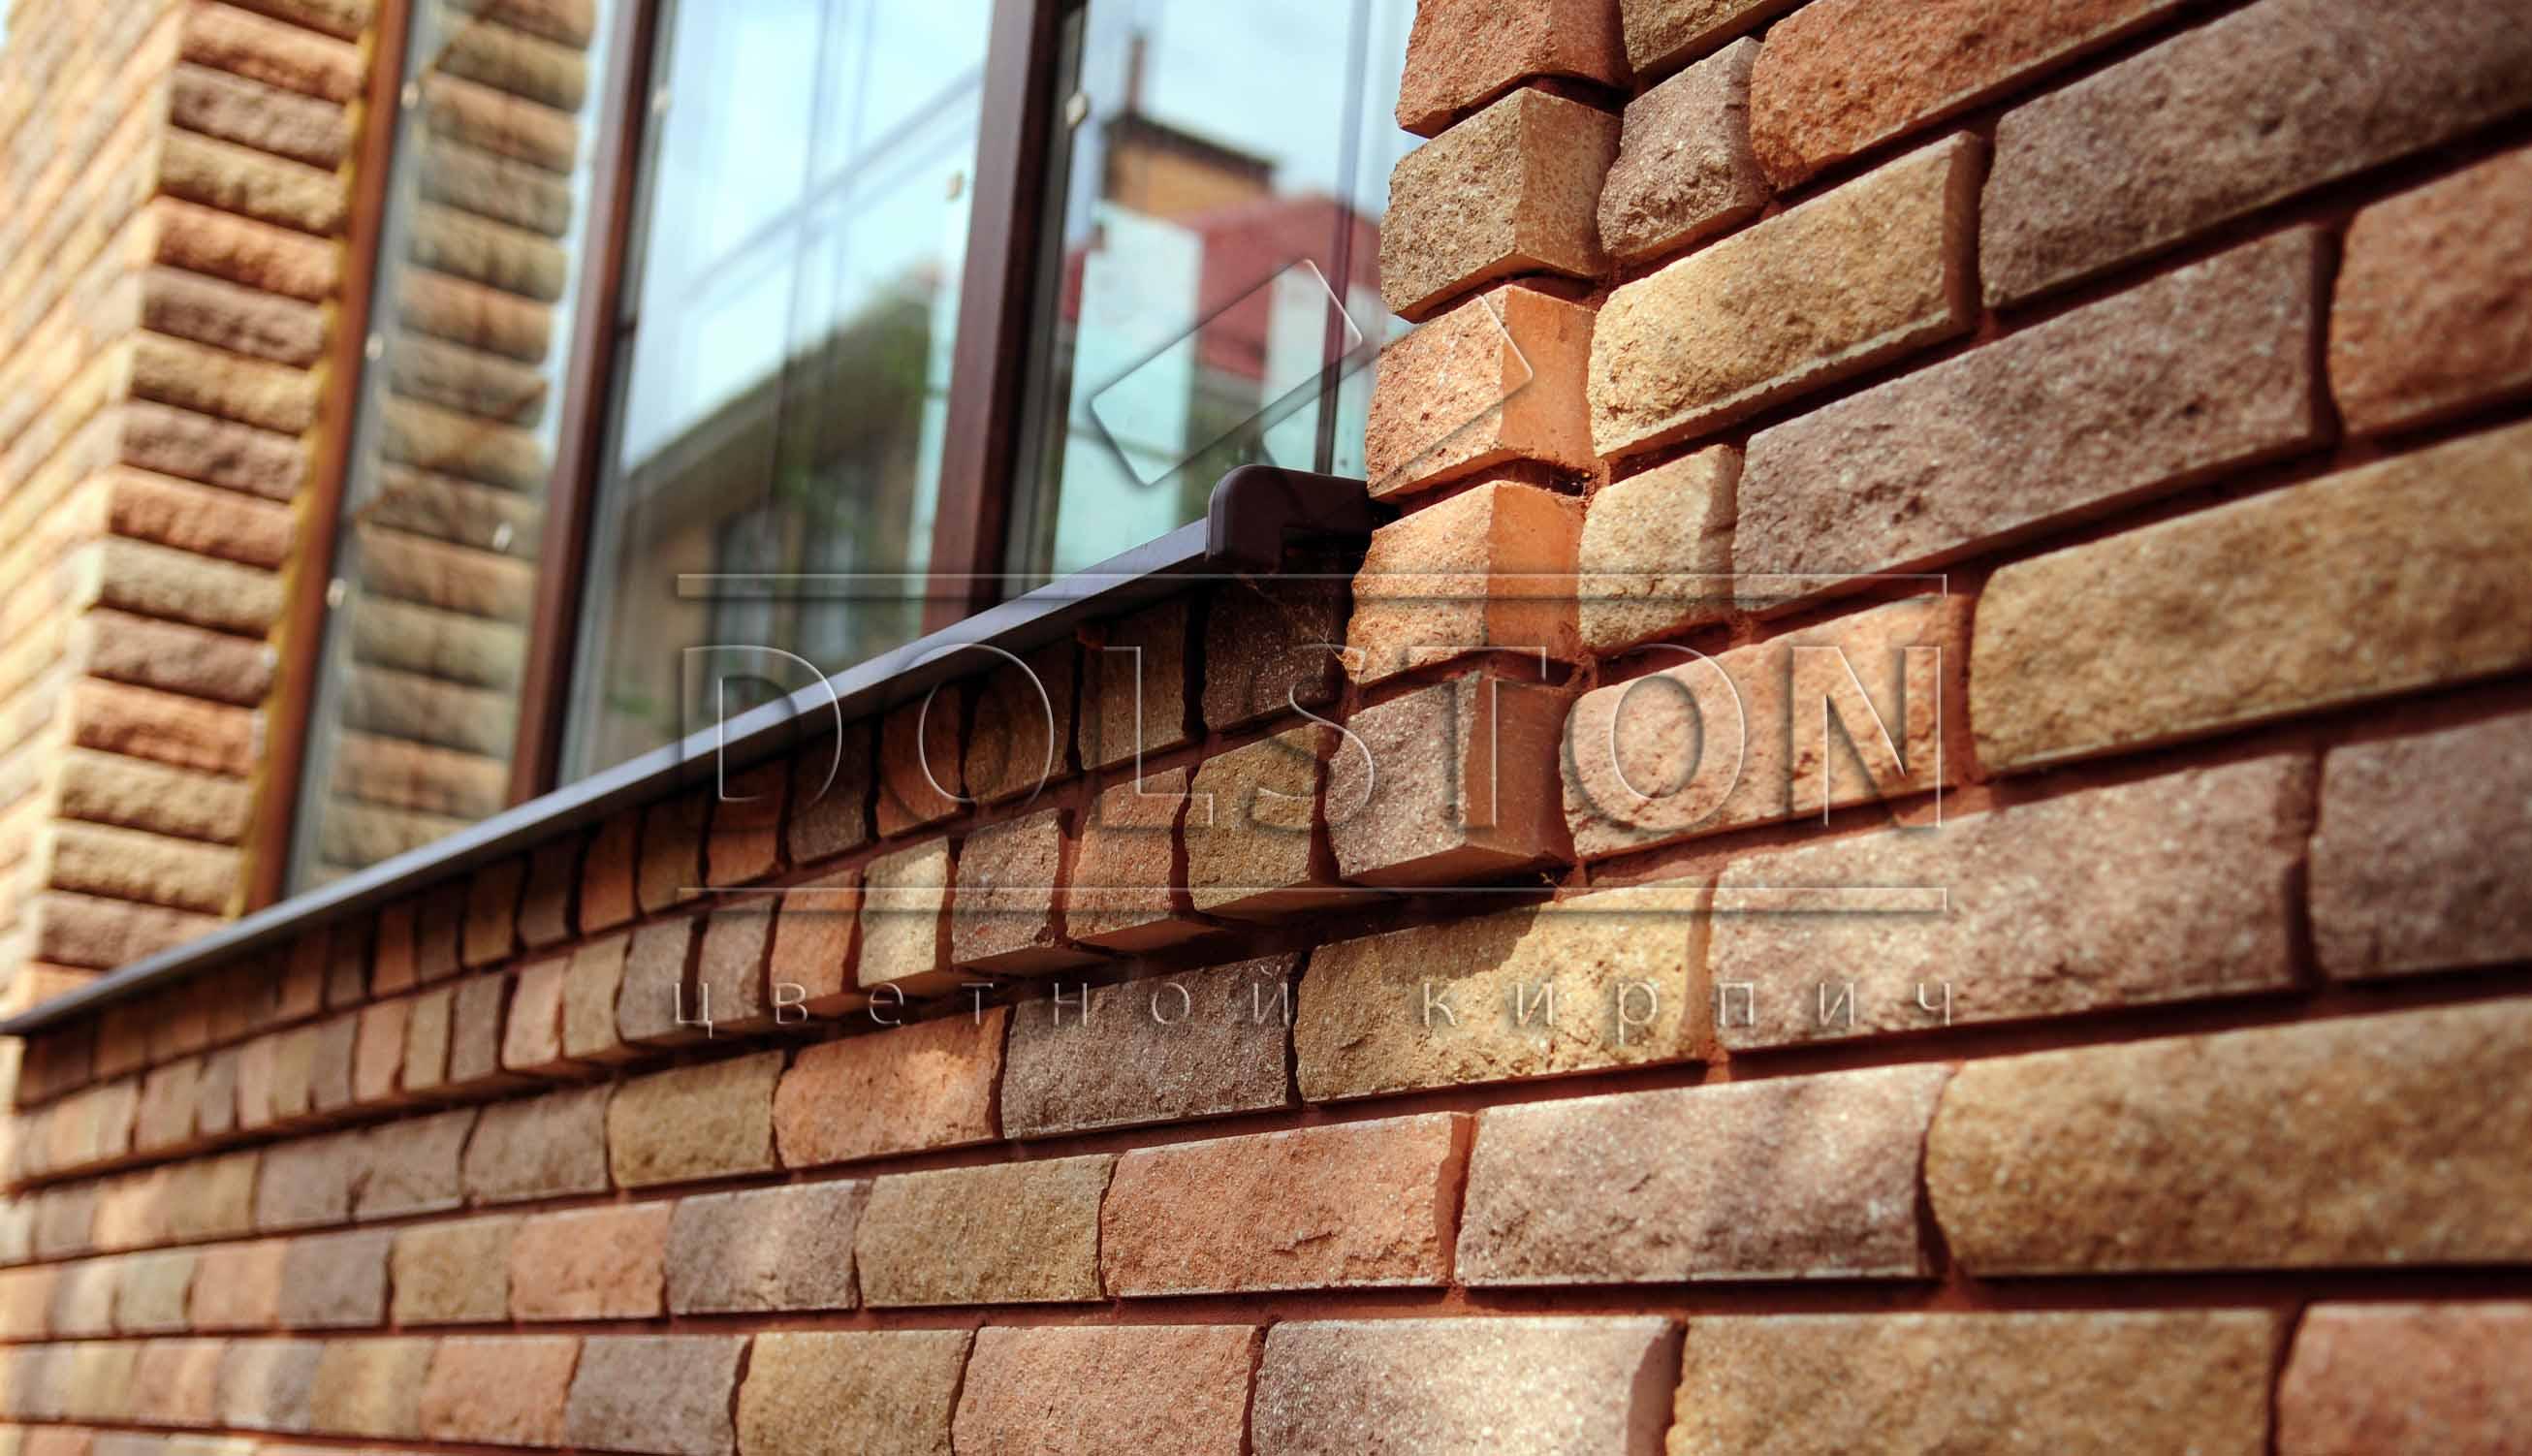 Отделка окна декоративным кирпичом - фото 3345